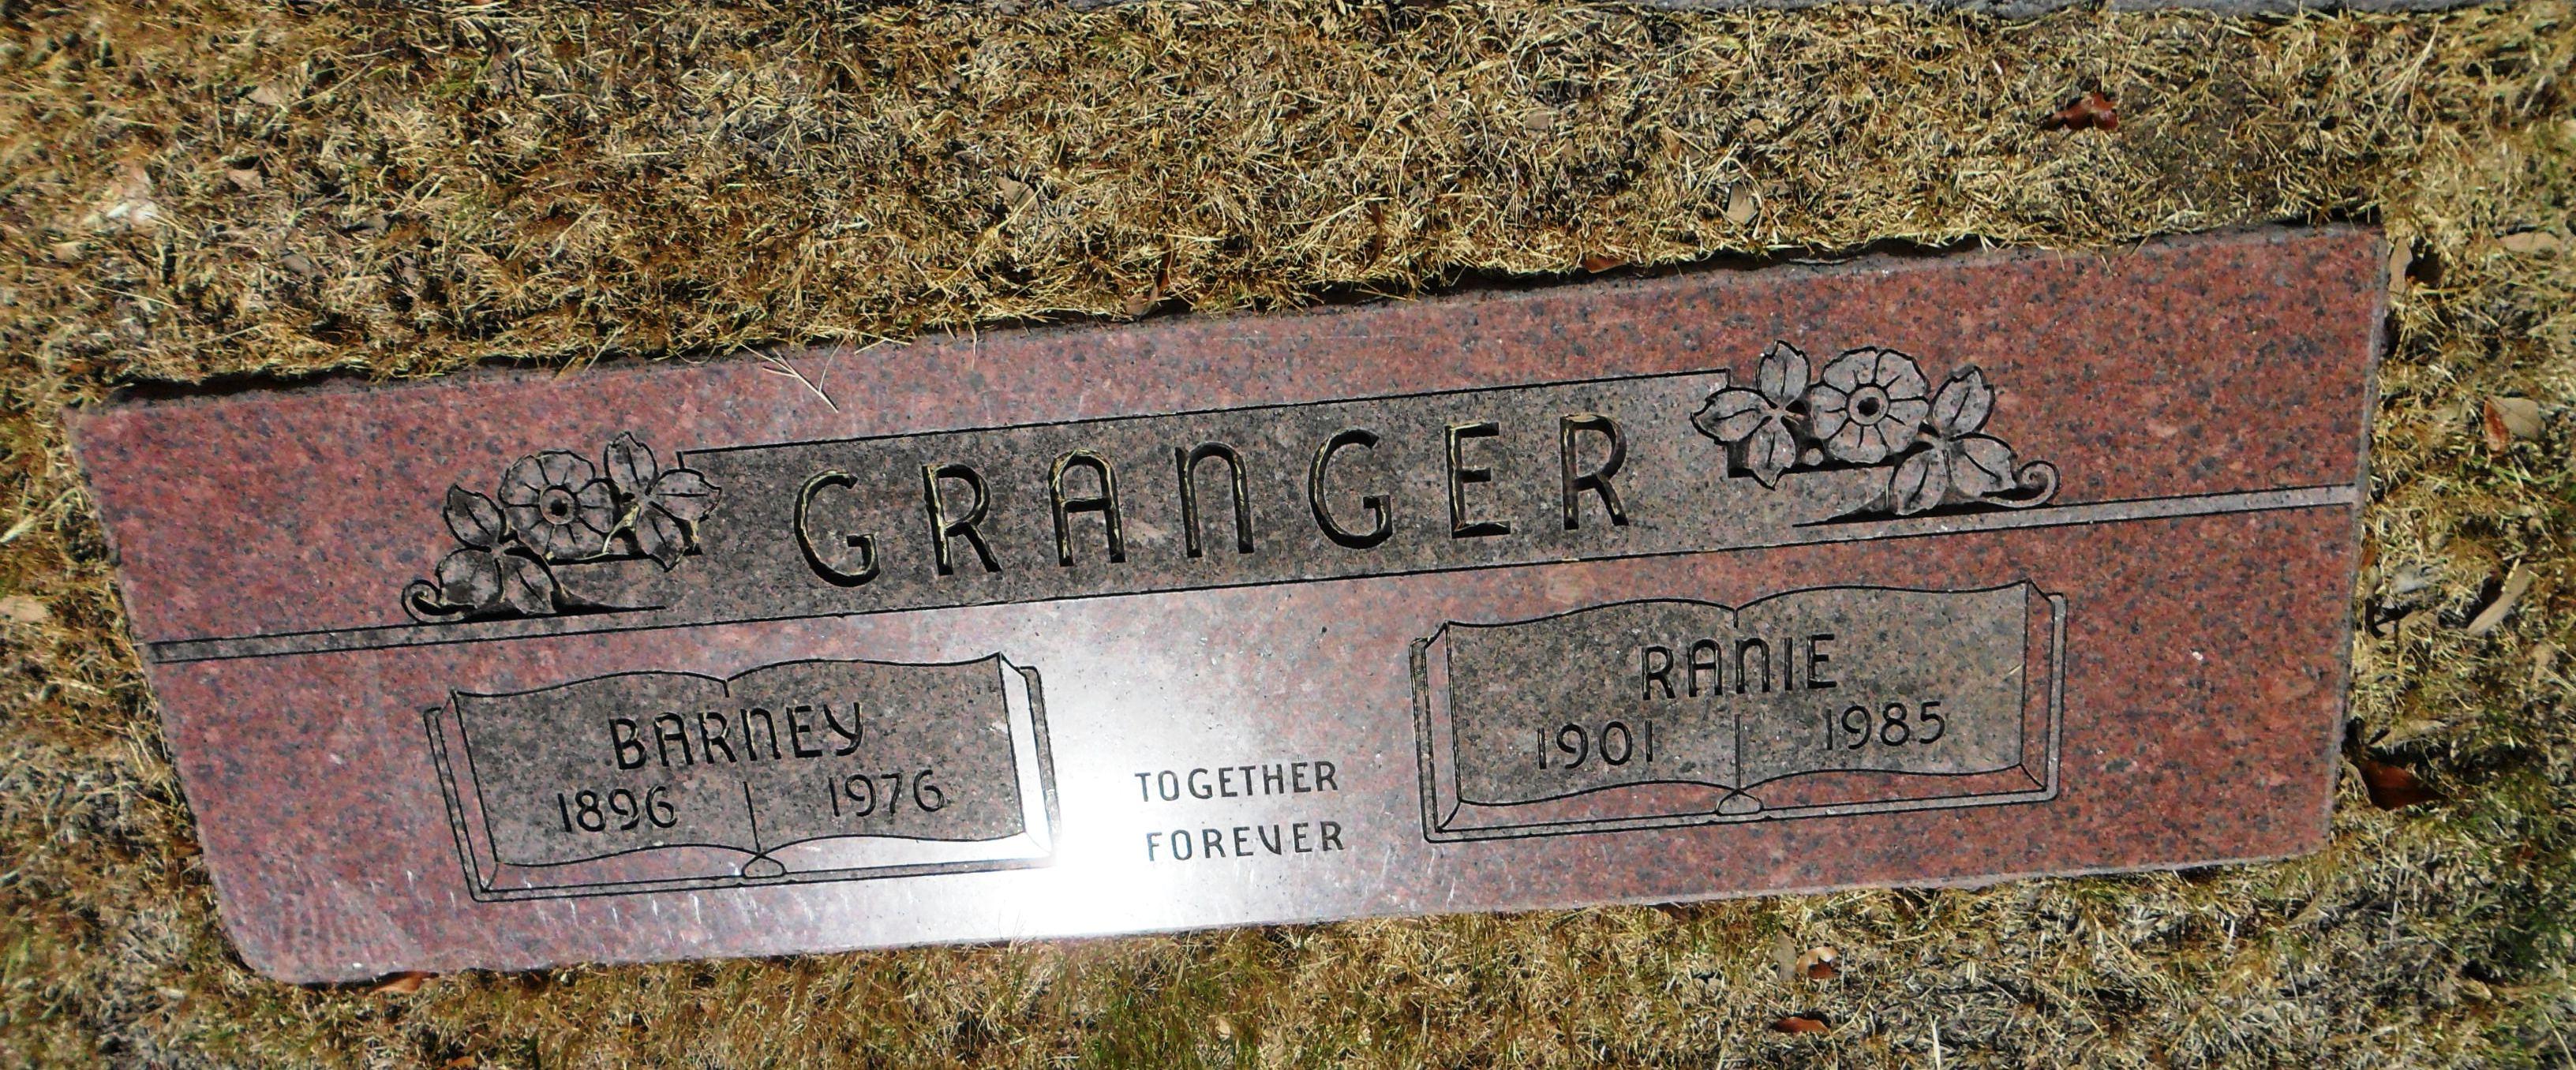 Luranie Ranie Granger